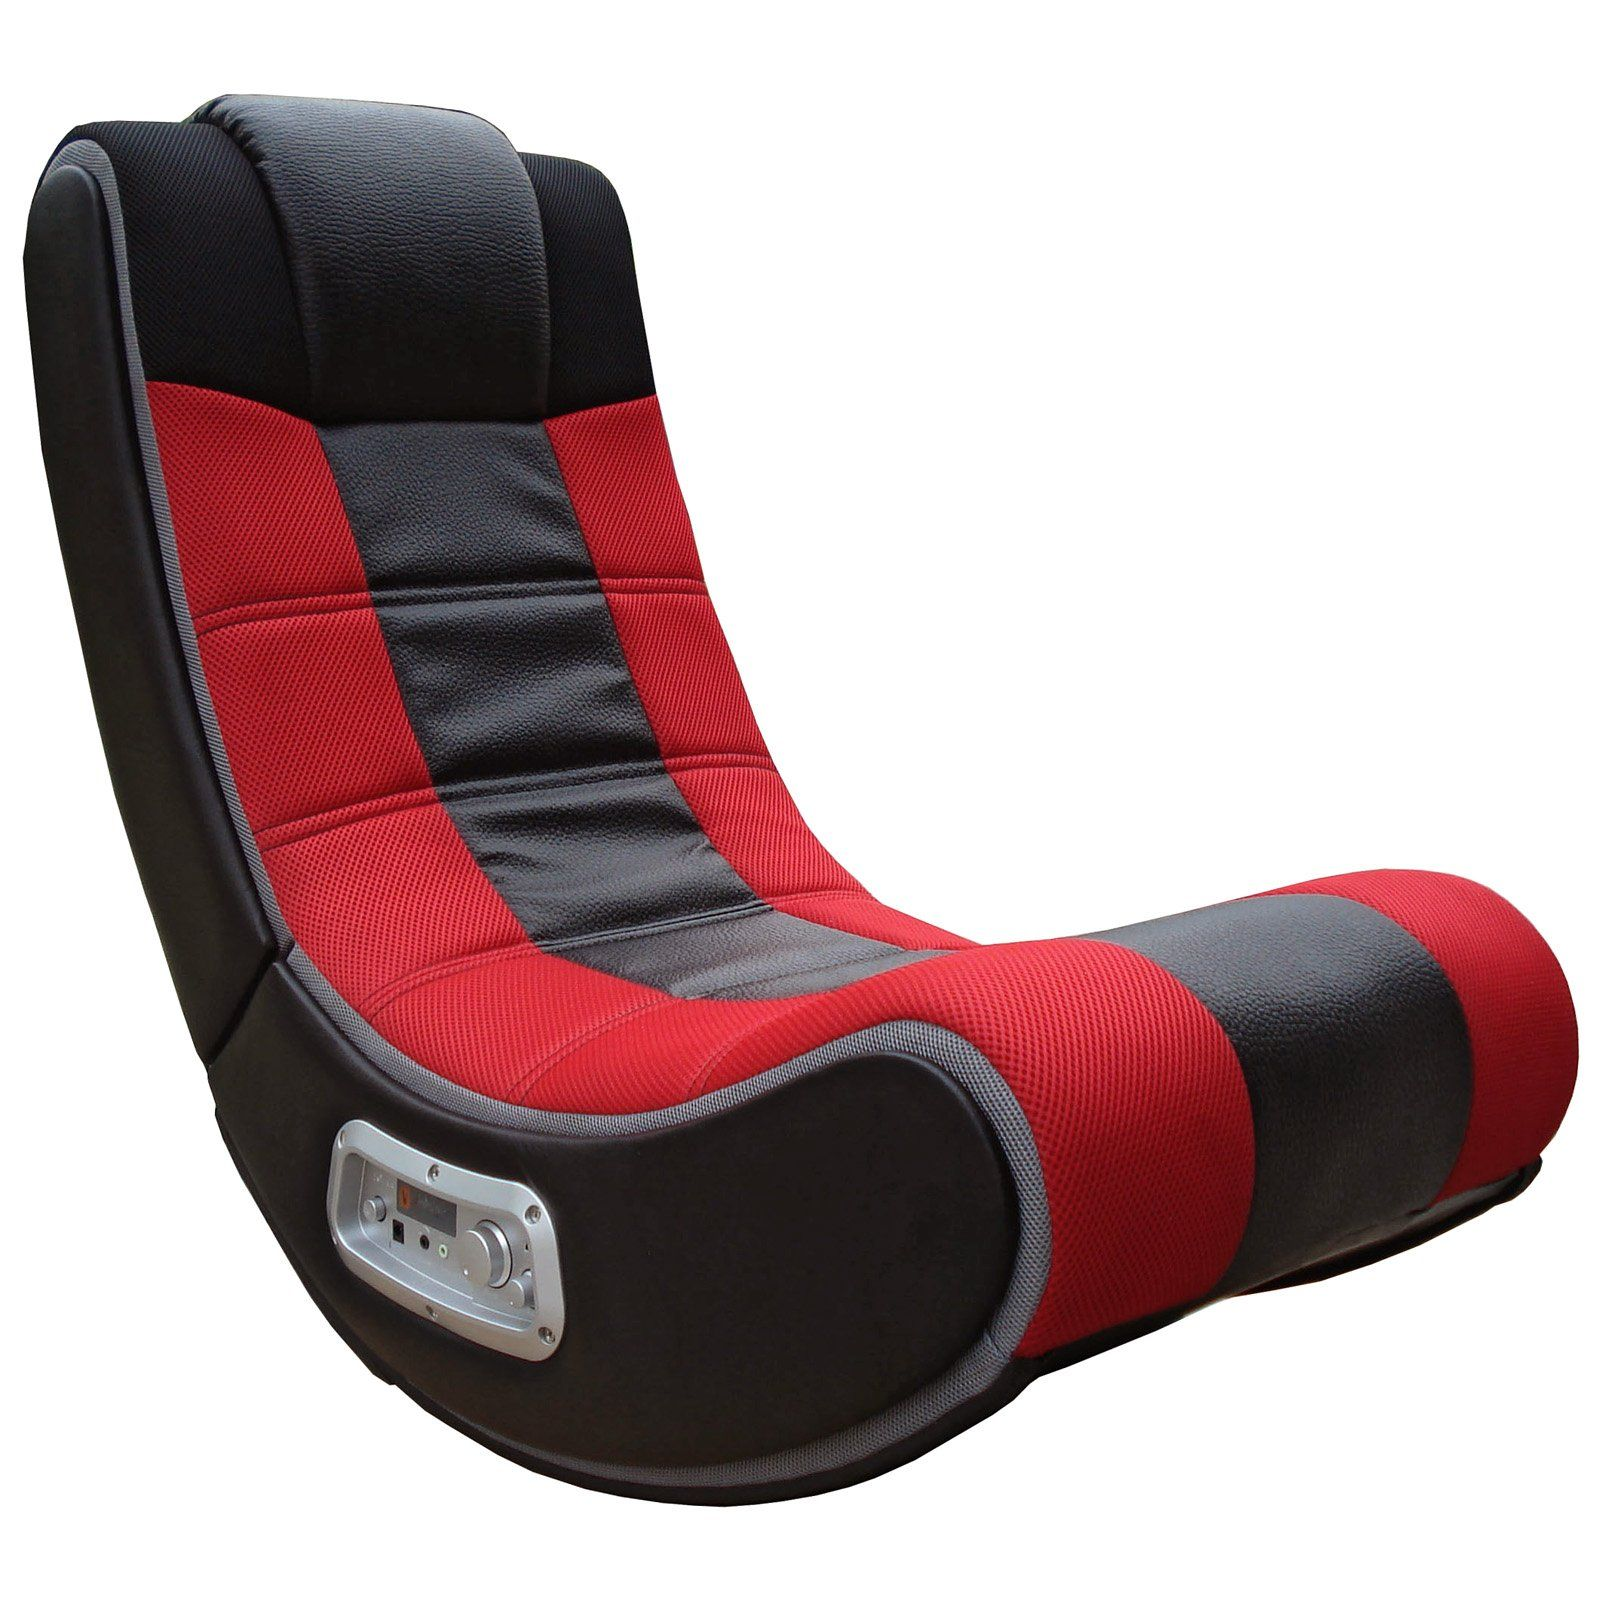 v rocker se wireless video gaming chair - http://www.kittencarcare